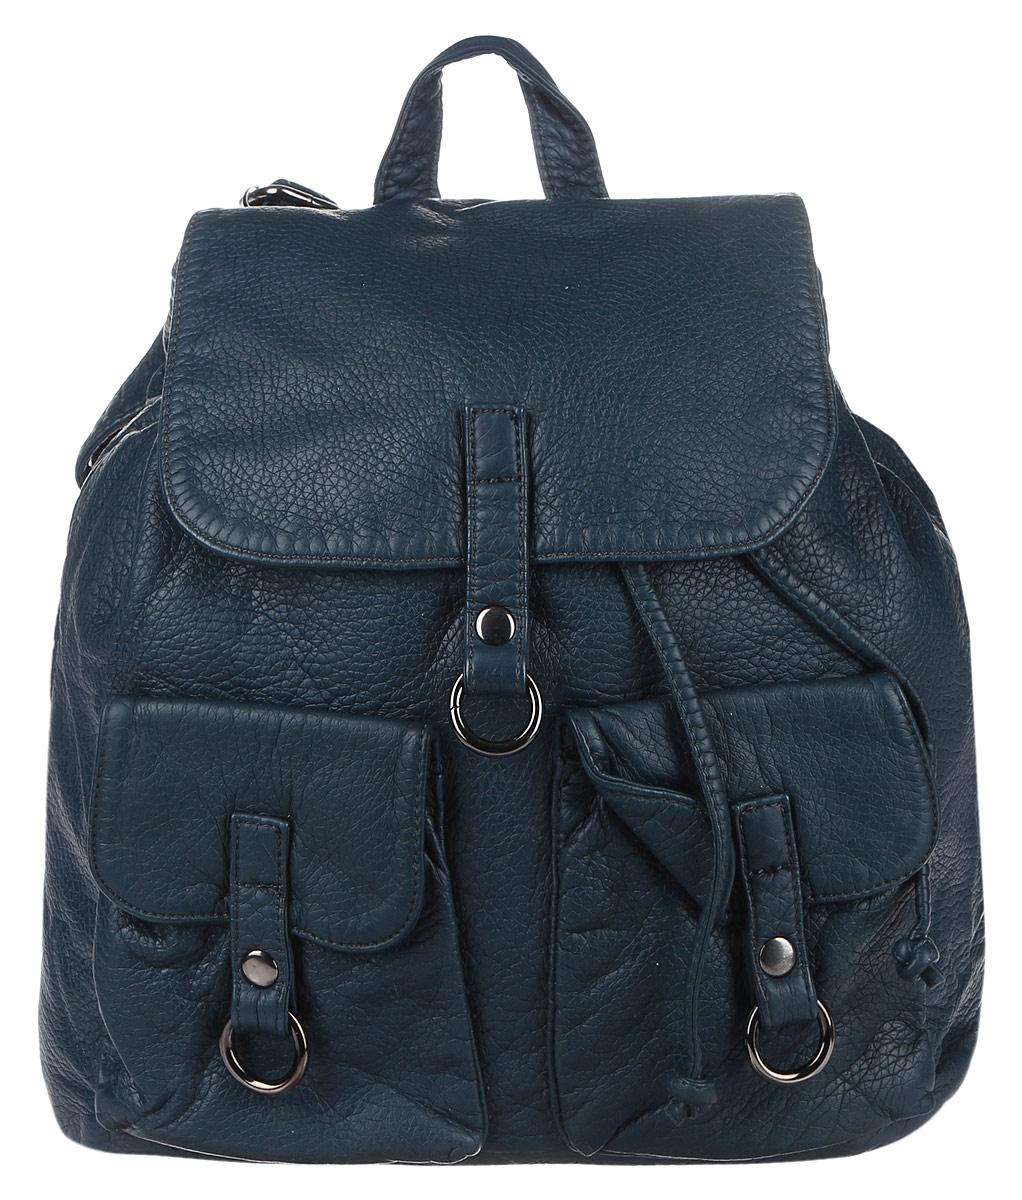 Рюкзак женский OrsOro, цвет: синий. D-254/2INT-06501Стильный рюкзак OrsOro, выполнен из экокожи и оснащен двумя плечевыми регулируемыми ремнями на спинке и удобной ручкой для переноски. Изделие закрывается клапаном на кнопку, внутри имеет одно вместительное отделение с одним накладным карманом для телефона и мелочей и одним прорезным карманом на застежке-молнии. С тыльной стороны изделия имеется прорезной карман на застежке-молнии. Рюкзак оснащен также передними накладными карманами, которые закрываются с помощью небольших клапанов на кнопки.Сумка-рюкзак OrsOro - это выбор молодой, уверенной, стильной женщины, которая ценит качество и комфорт. Изделие станет изысканным дополнением к вашему образу.